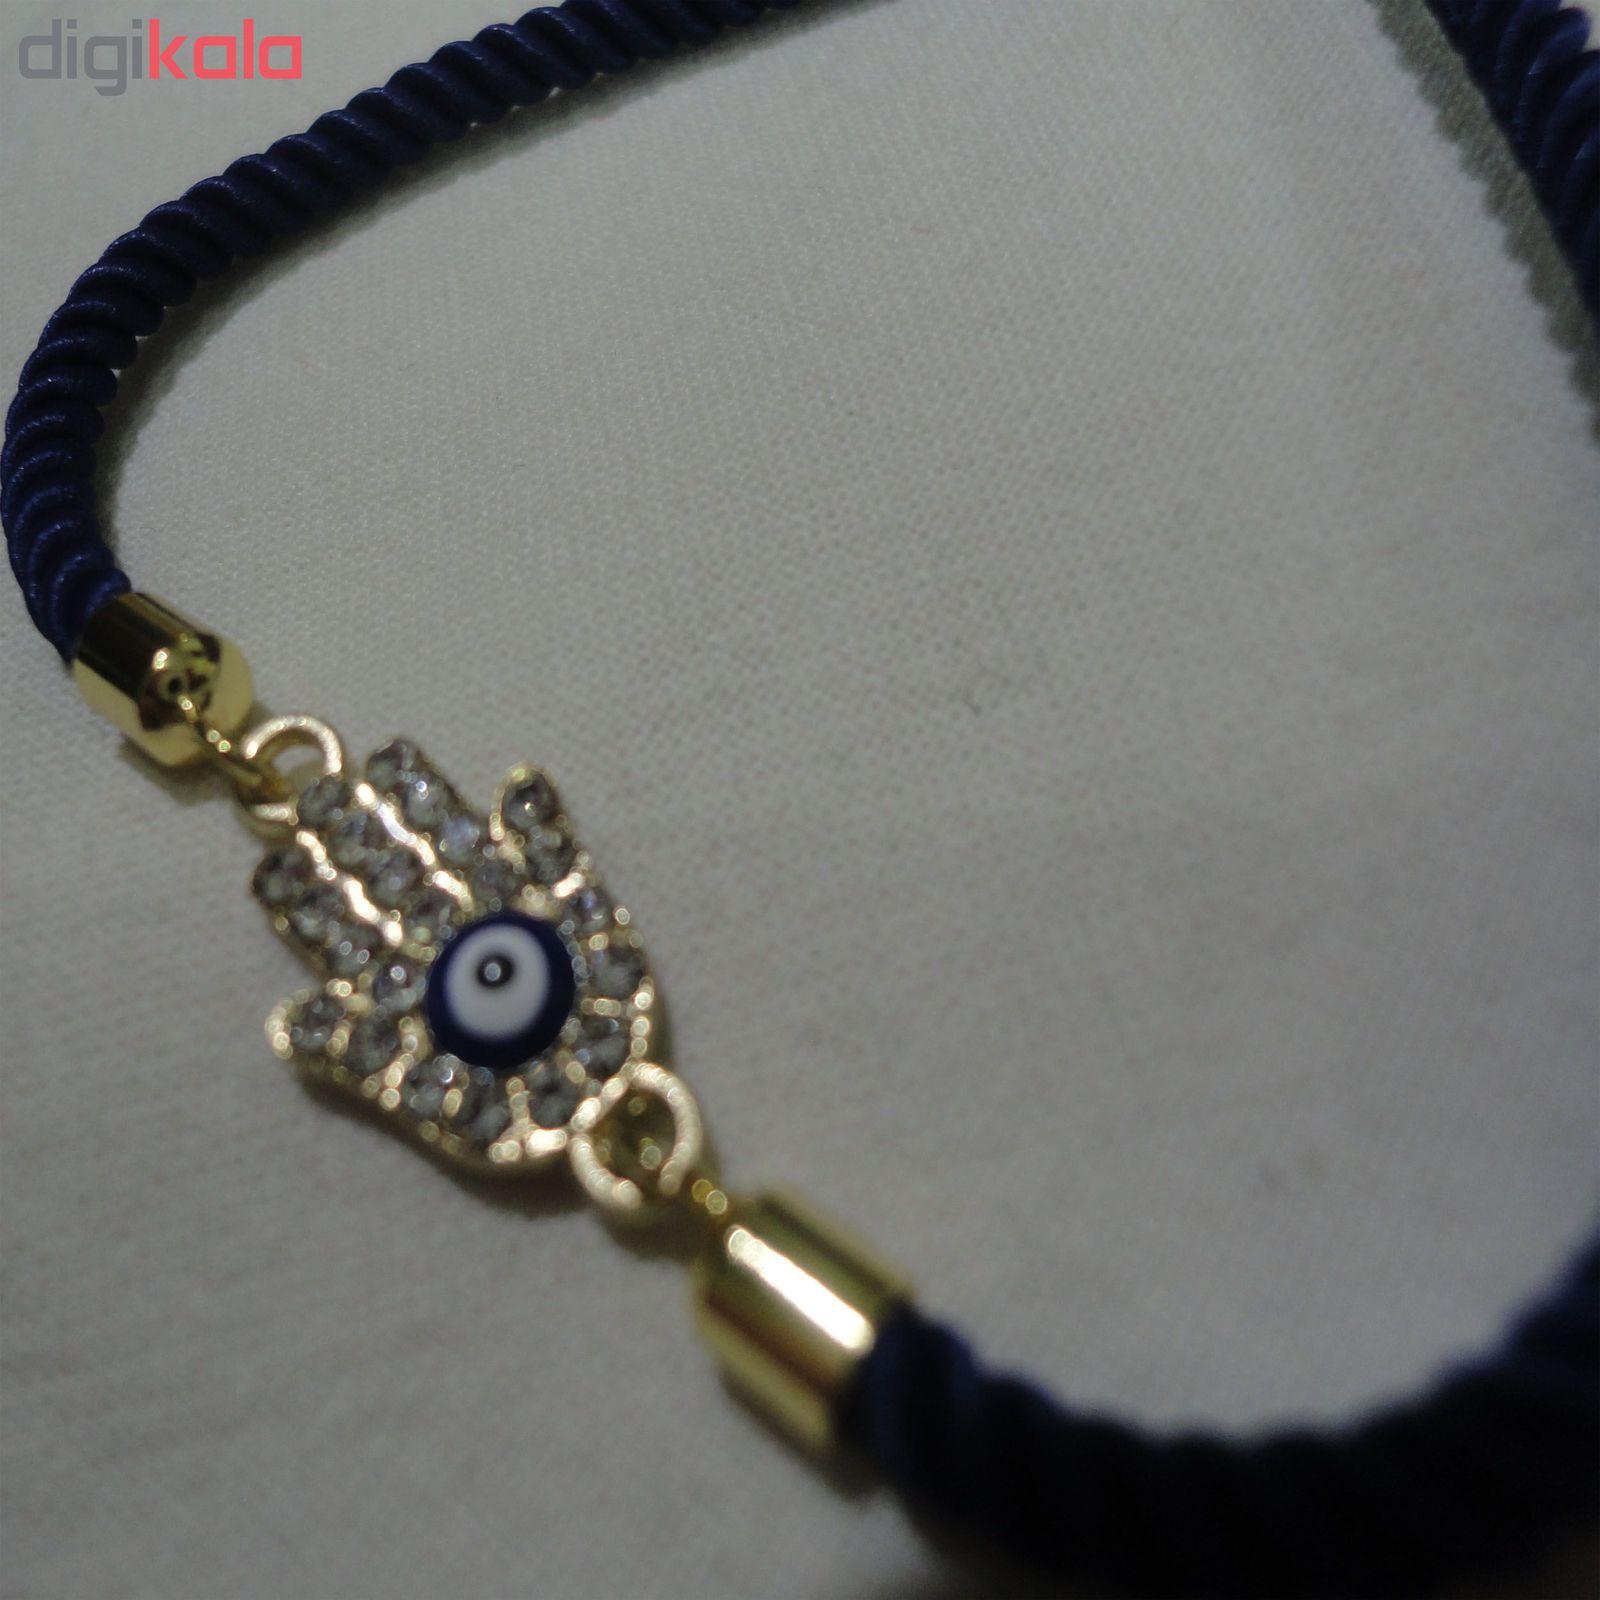 دستبند زنانه طرح چشم نظر کد 10 main 1 2